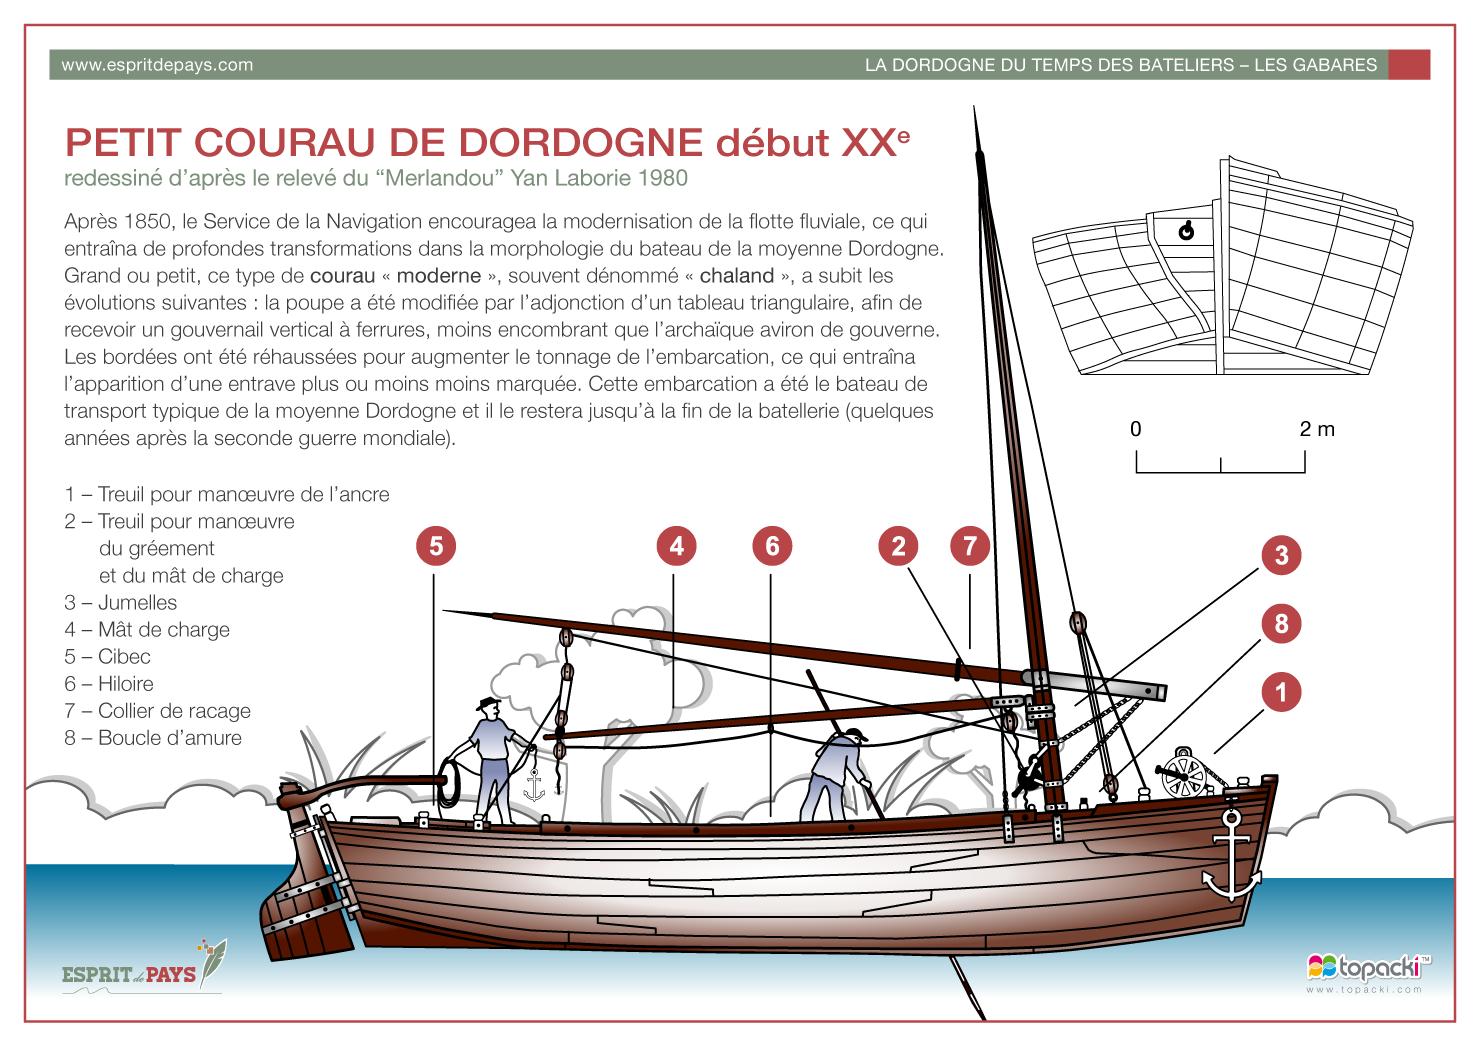 Croquis : Petit Courau de Dordogne début XXe